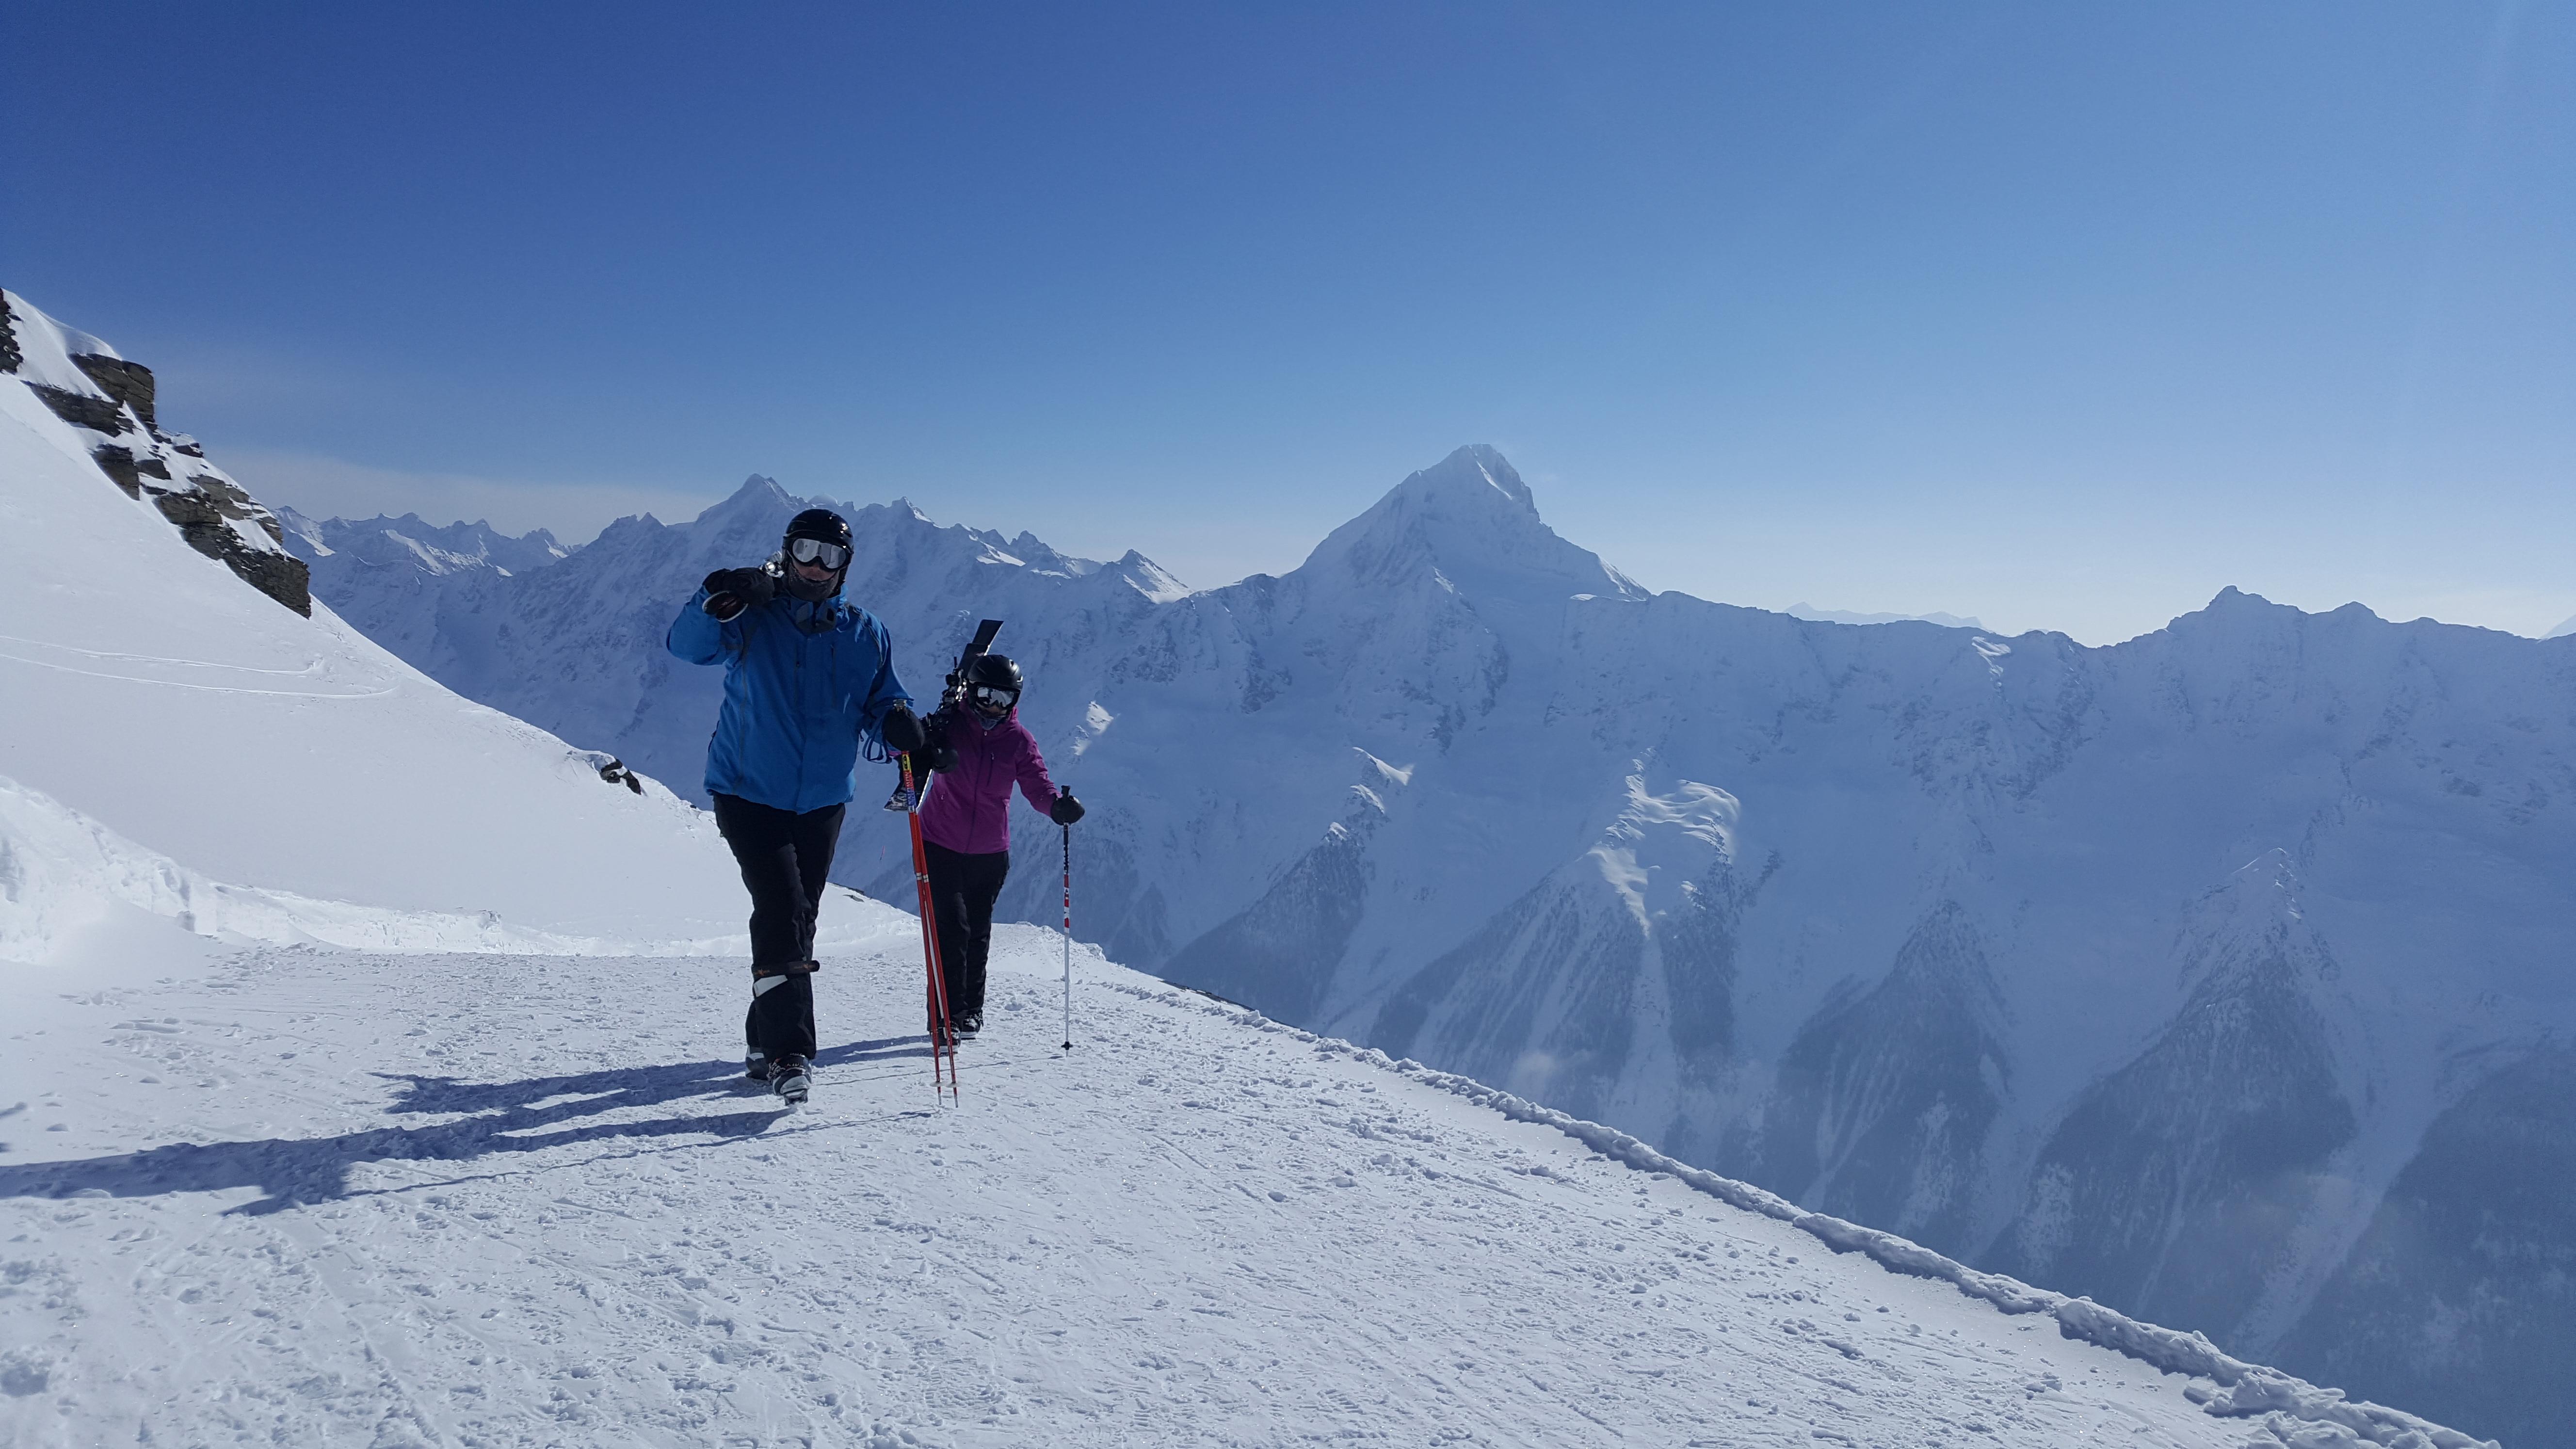 Zustieg Lötschenpass Winter Skifahrer